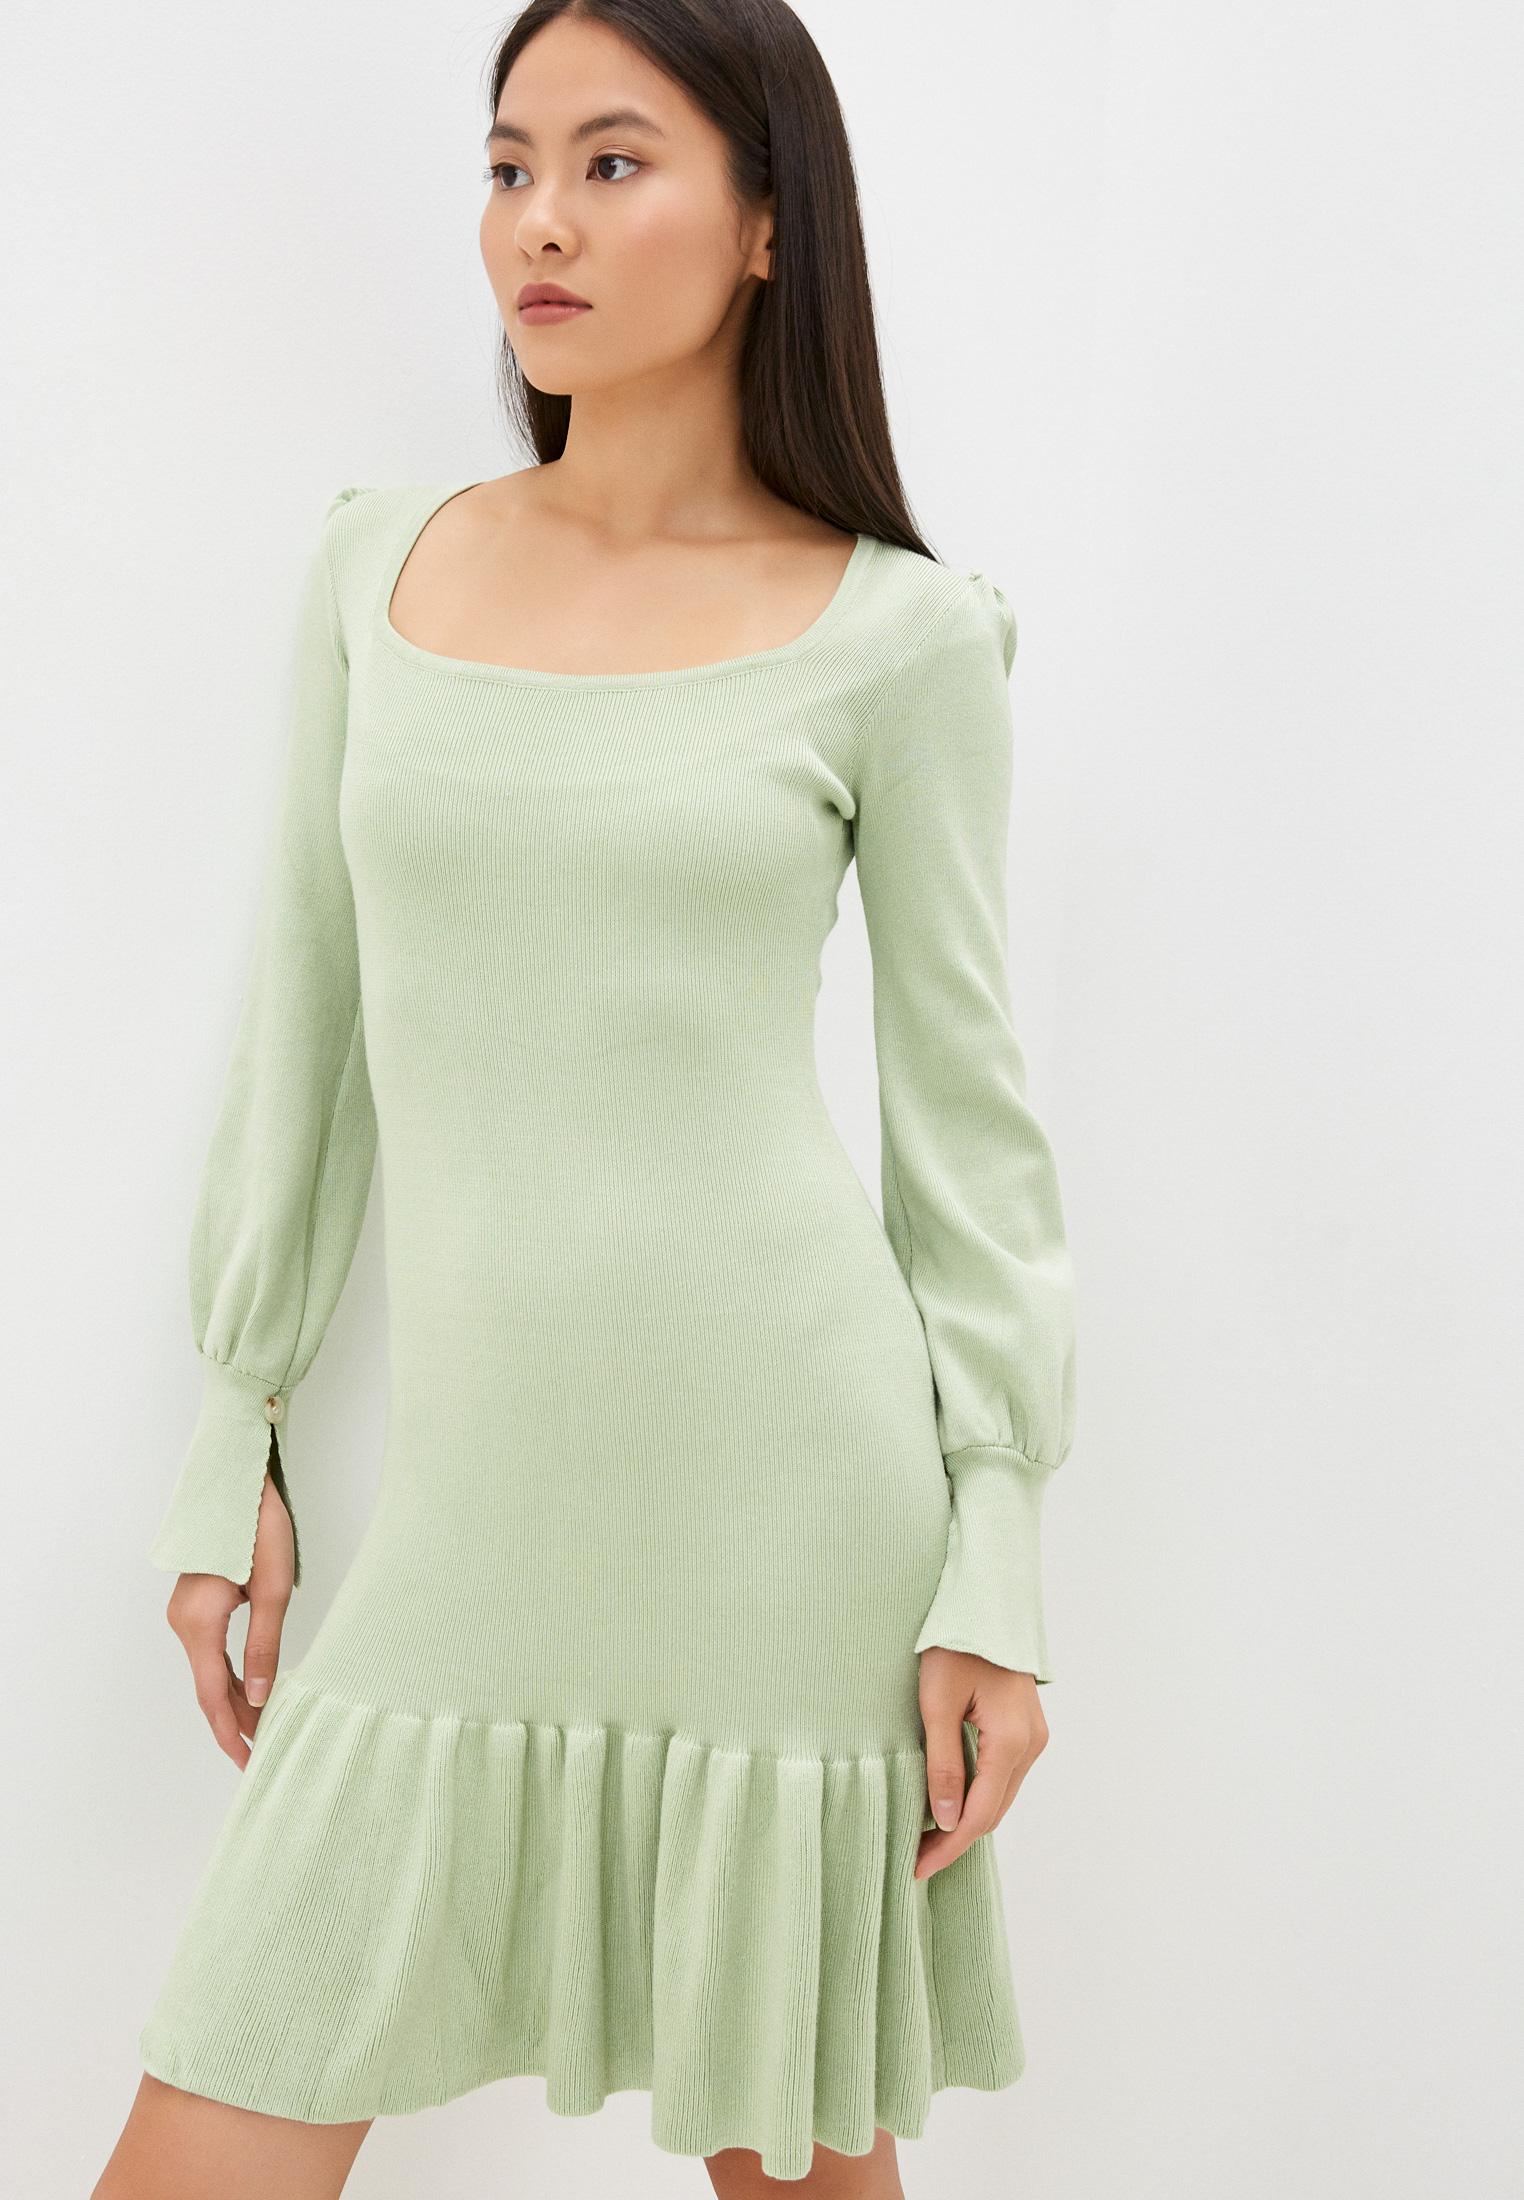 Вязаное платье Diverius Платье Diverius